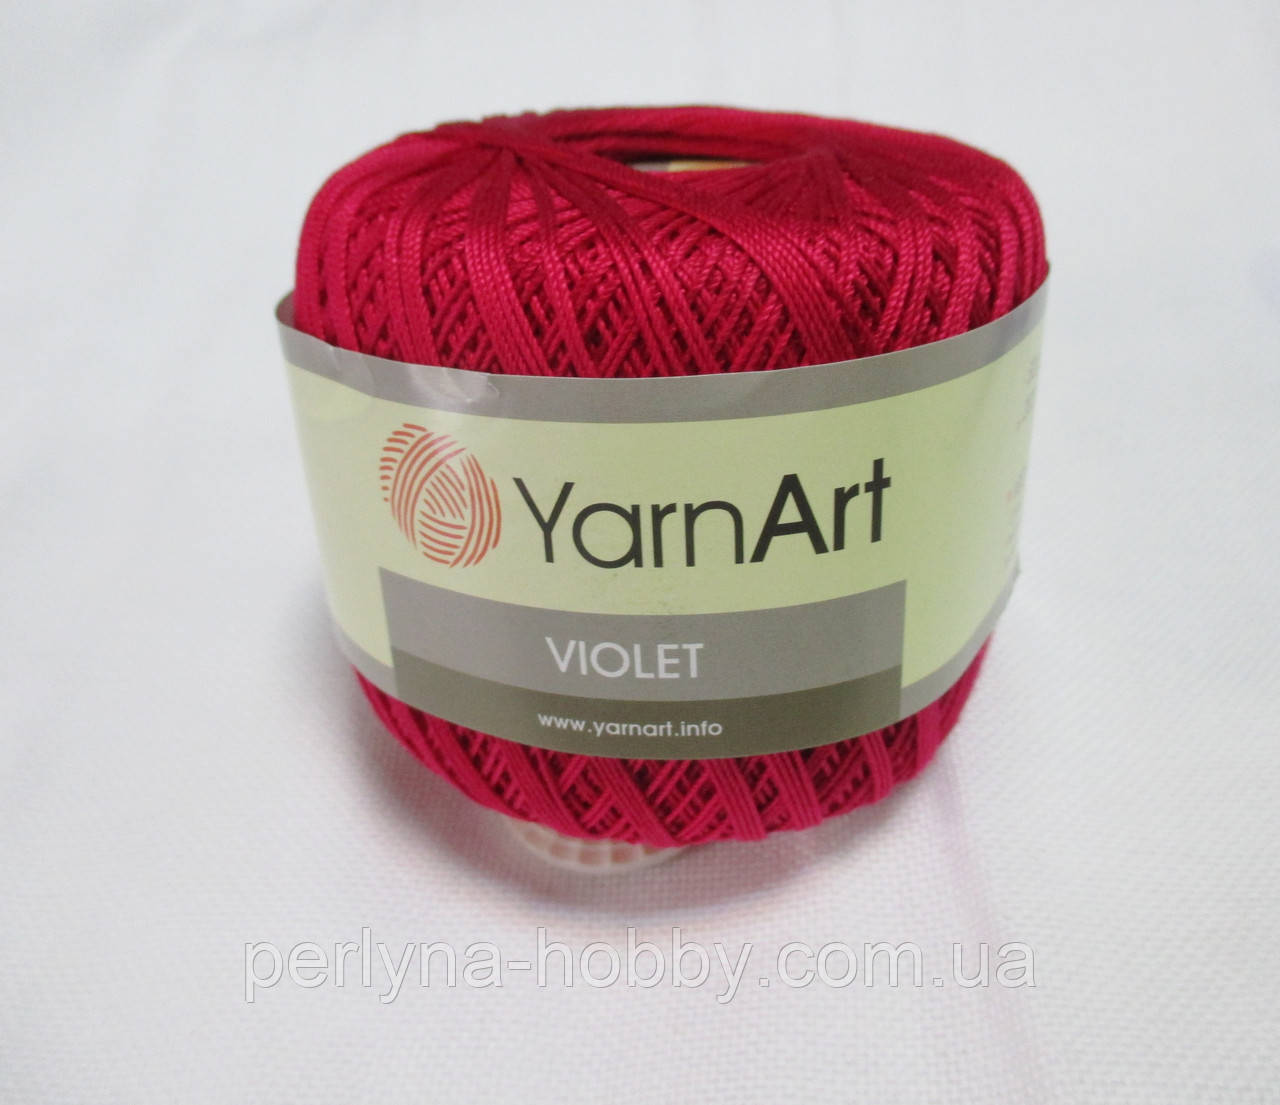 Пряжа Violet YarnArt 100% бавовна малиновий № 6358